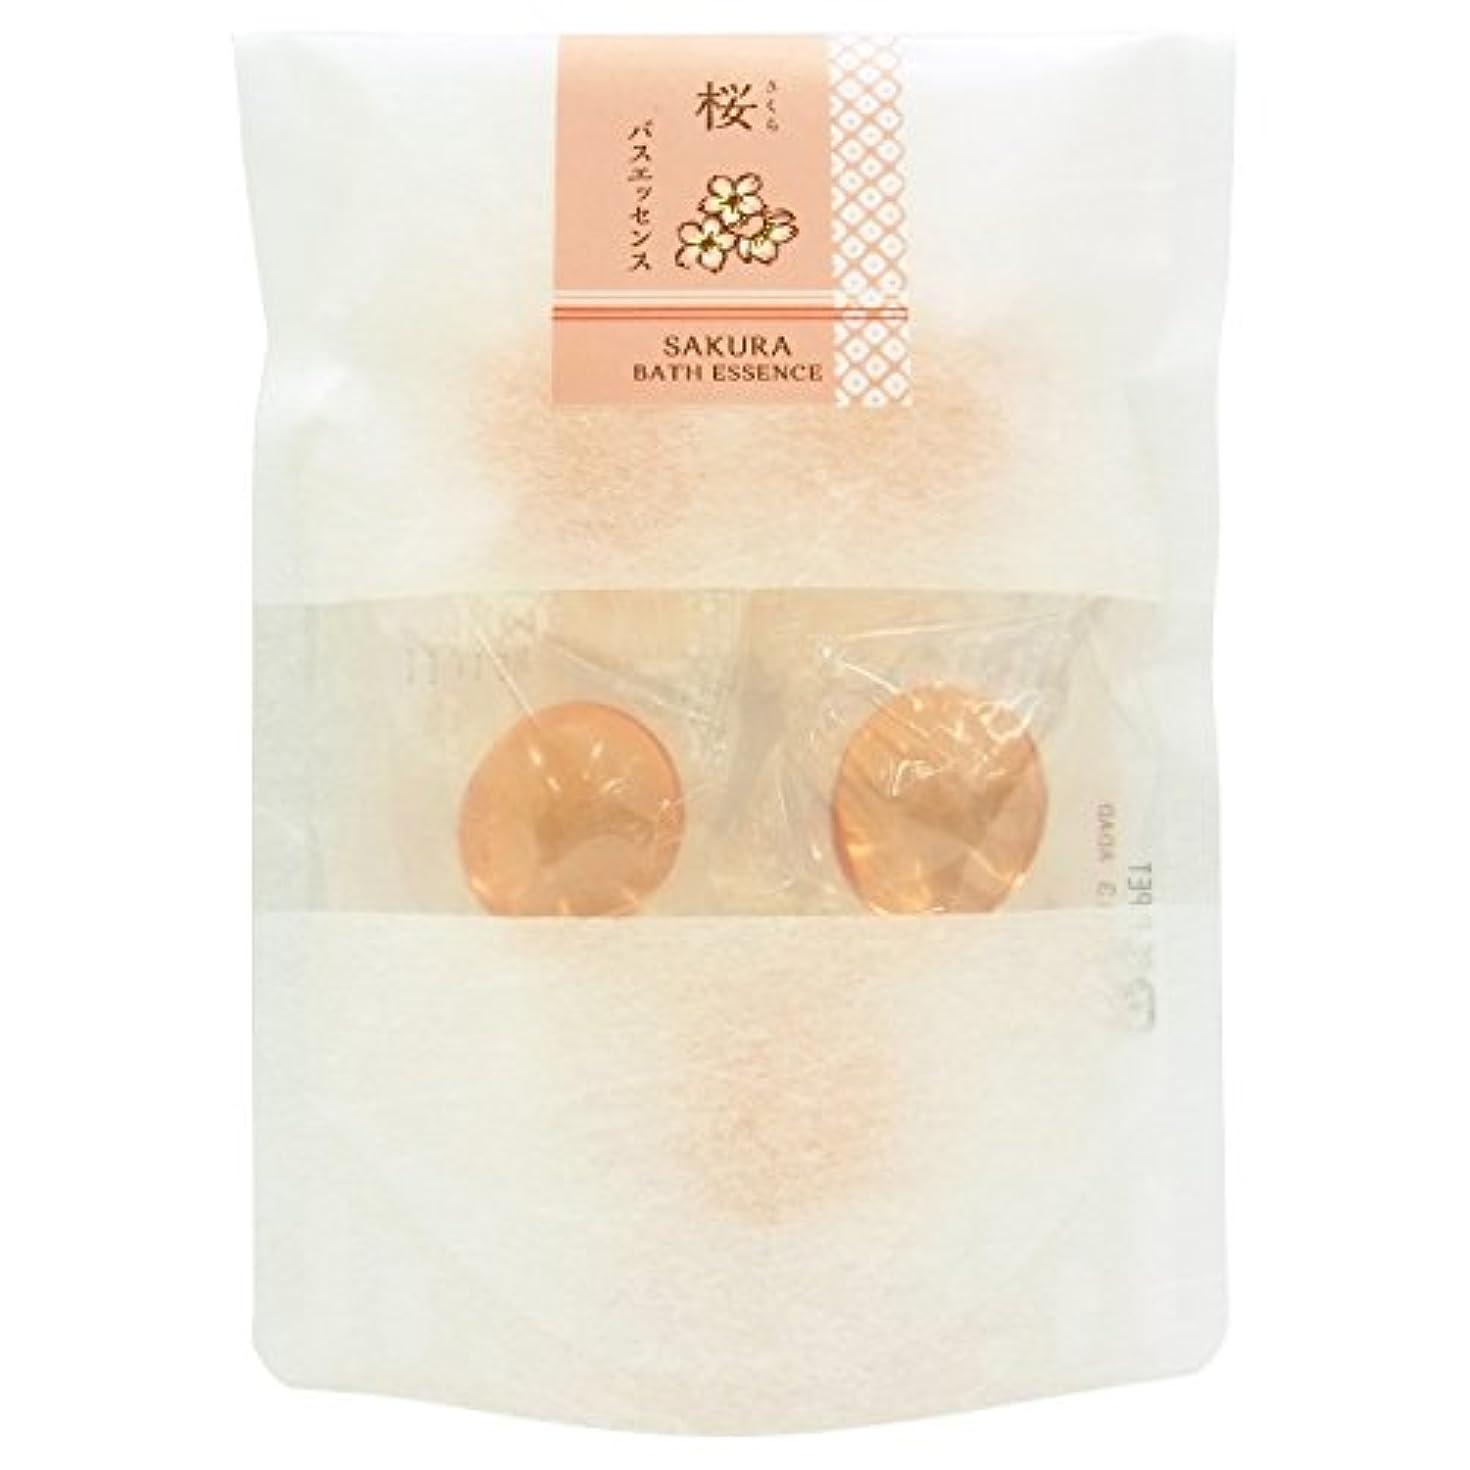 せっかち健康軽減和の湯 バスエッセンス 桜 (8g × 5個)